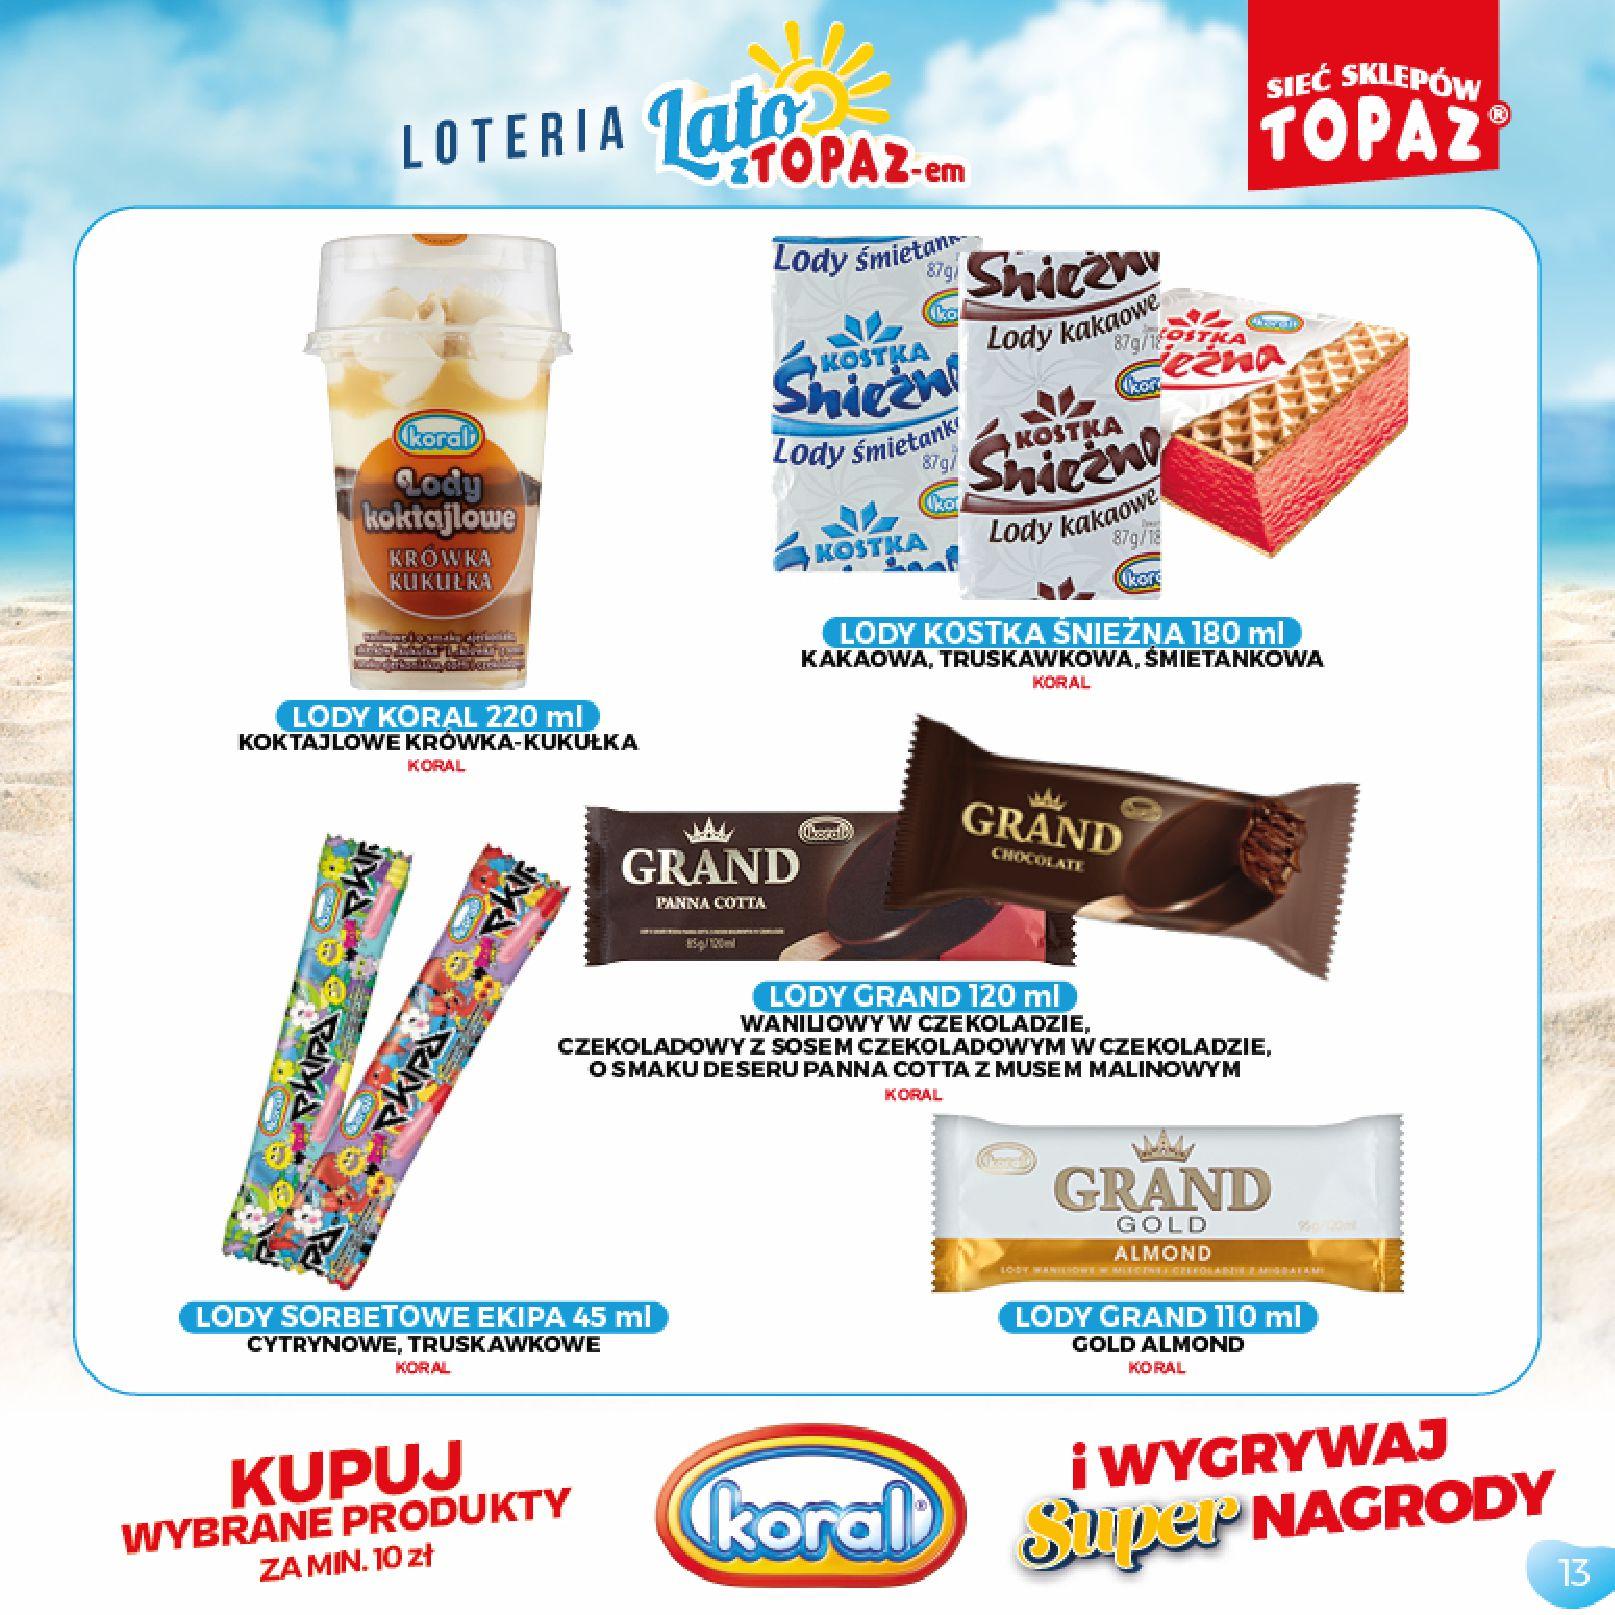 Gazetka TOPAZ: Gazetka TOPAZ - Loteria 2021-07-05 page-13